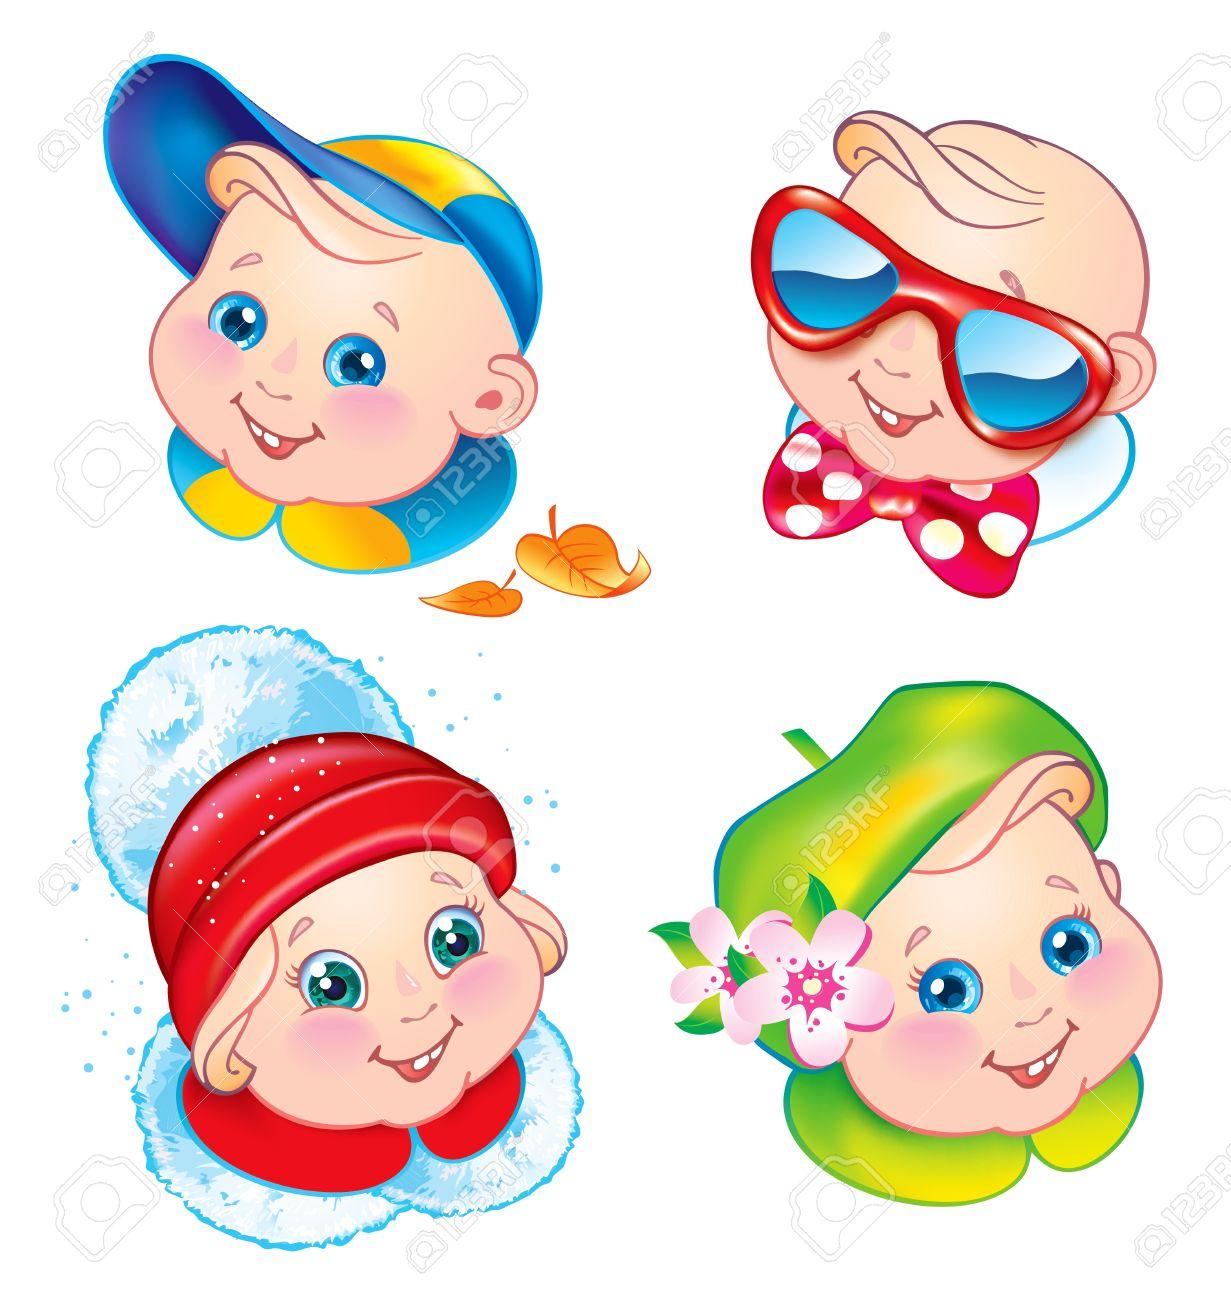 c1801b6f7e5 Children in winter